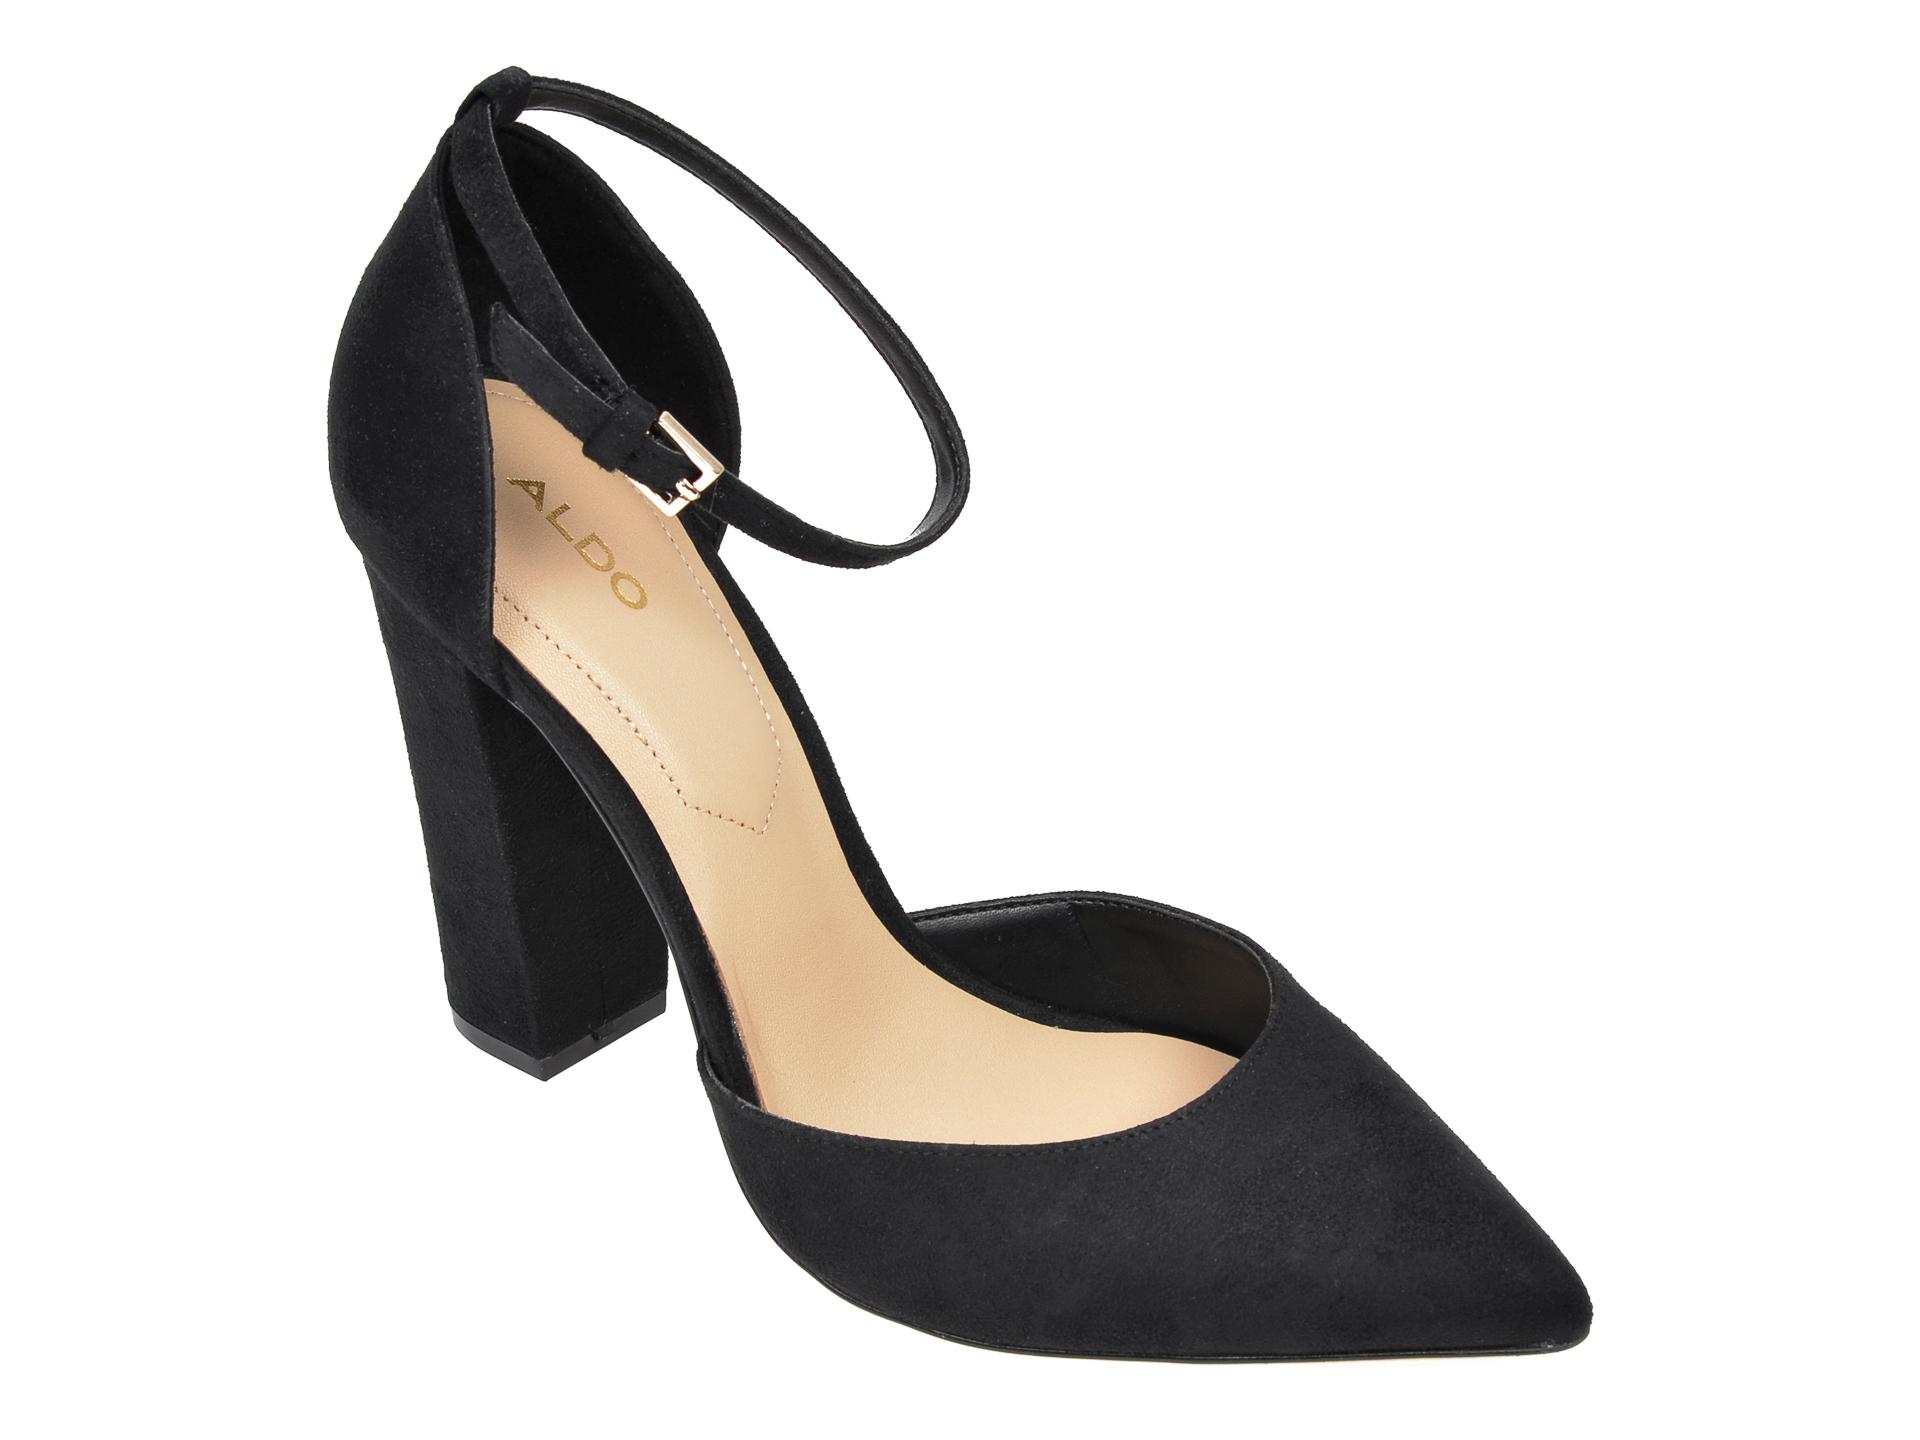 Pantofi ALDO negri, Nicholes001, din piele ecologica